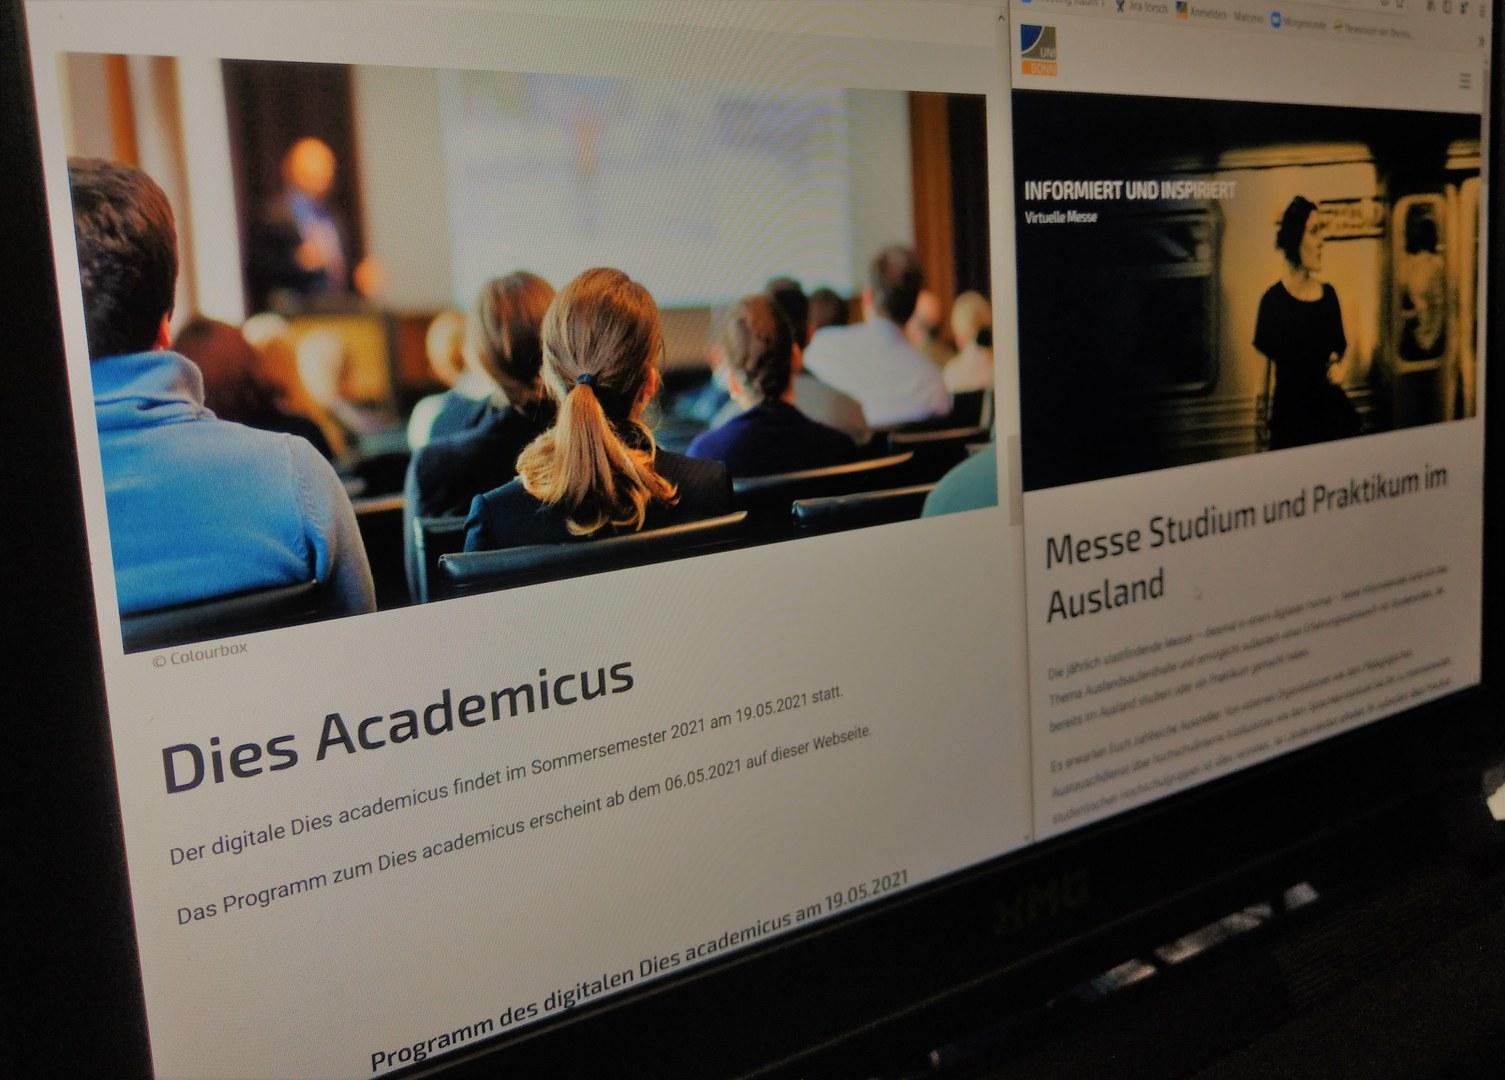 Am 19. Mai können sich Interessierte beim Dies Academicus und der Messe Studium und Praktikum im Ausland digital informieren.